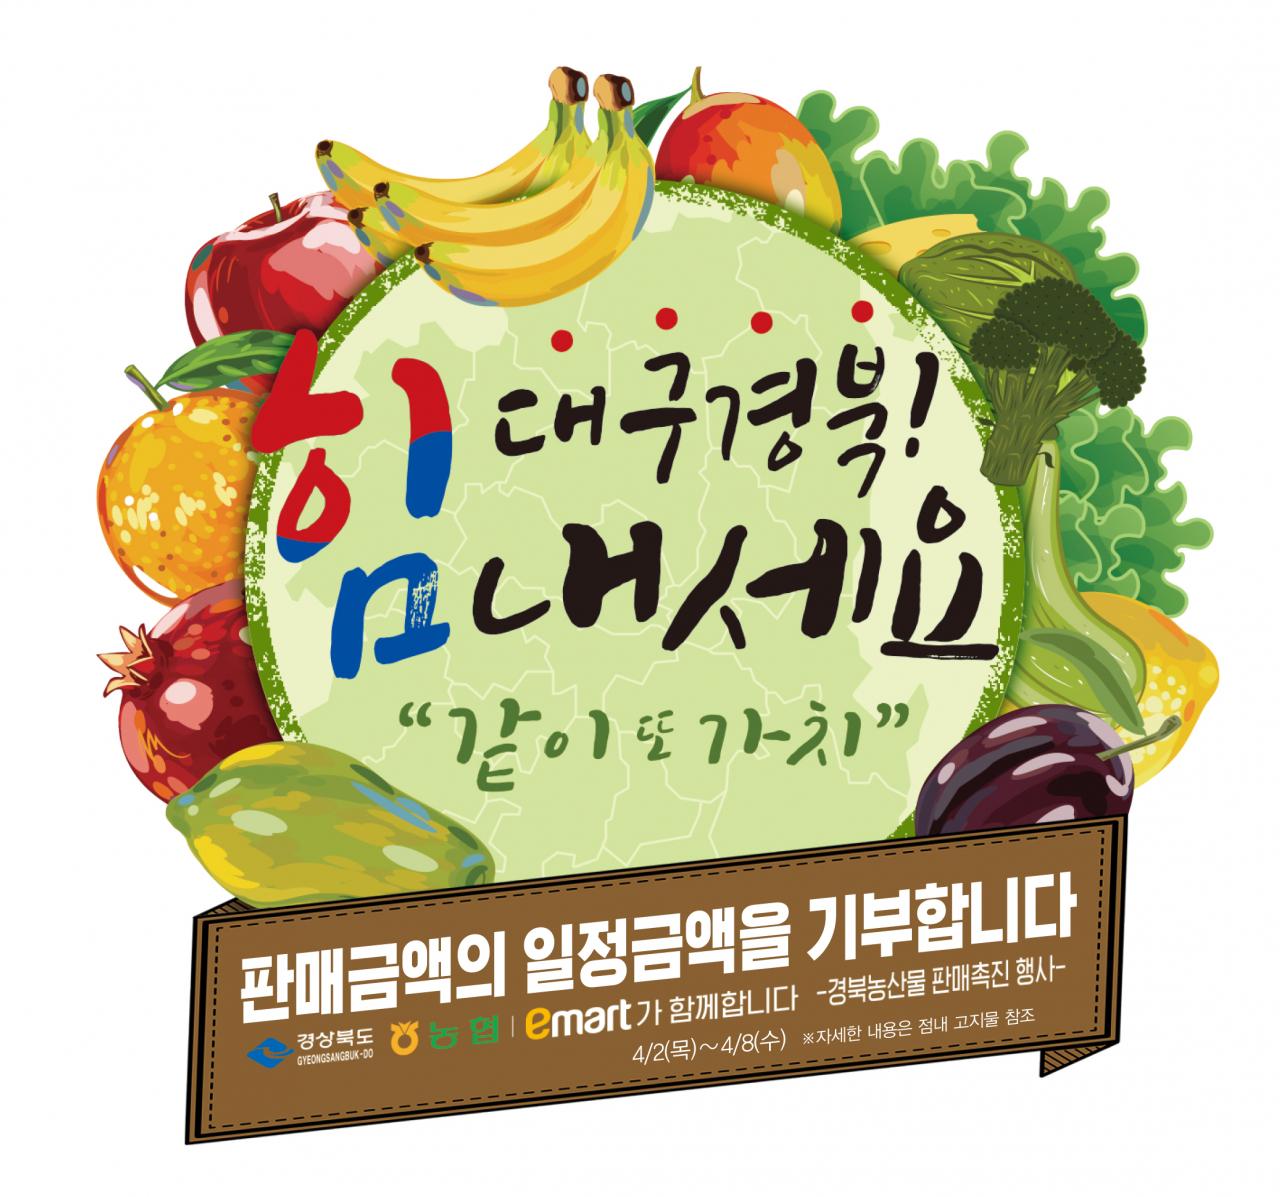 이마트, 경북 농산물 소비 촉진 나서…40억원 규모 행사